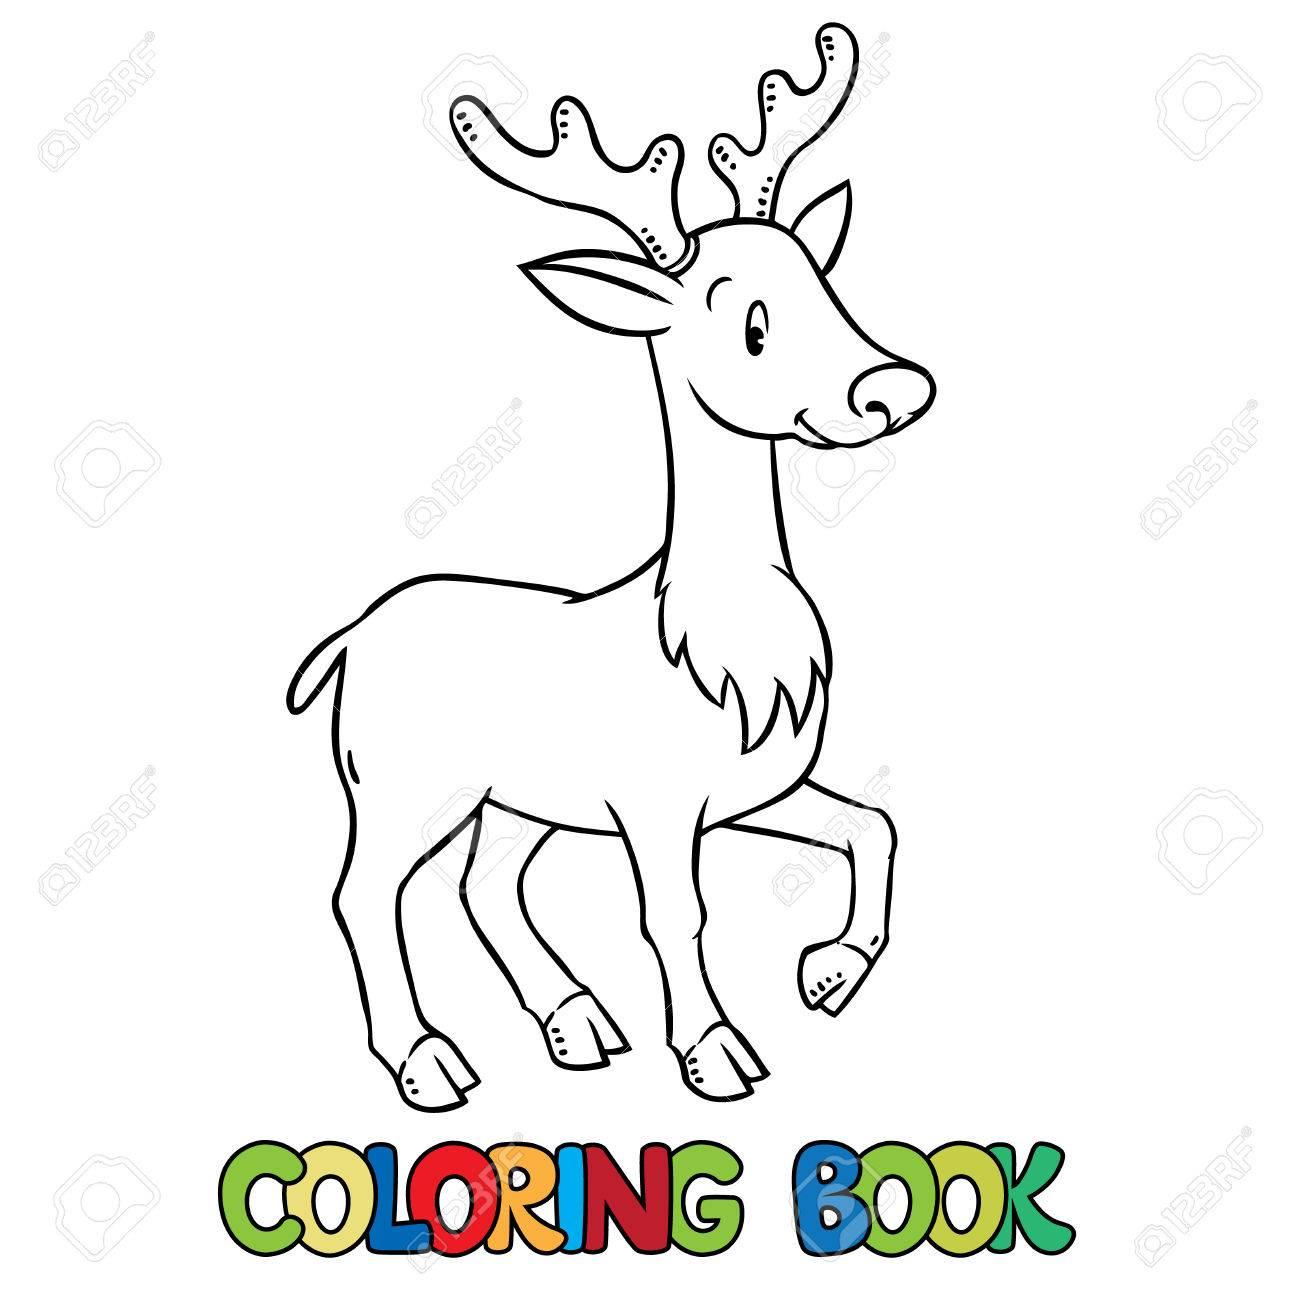 Libro Para Colorear O Dibujo Para Colorear De Ciervos Jóvenes O Leonado Ilustración De Vector De Los Niños